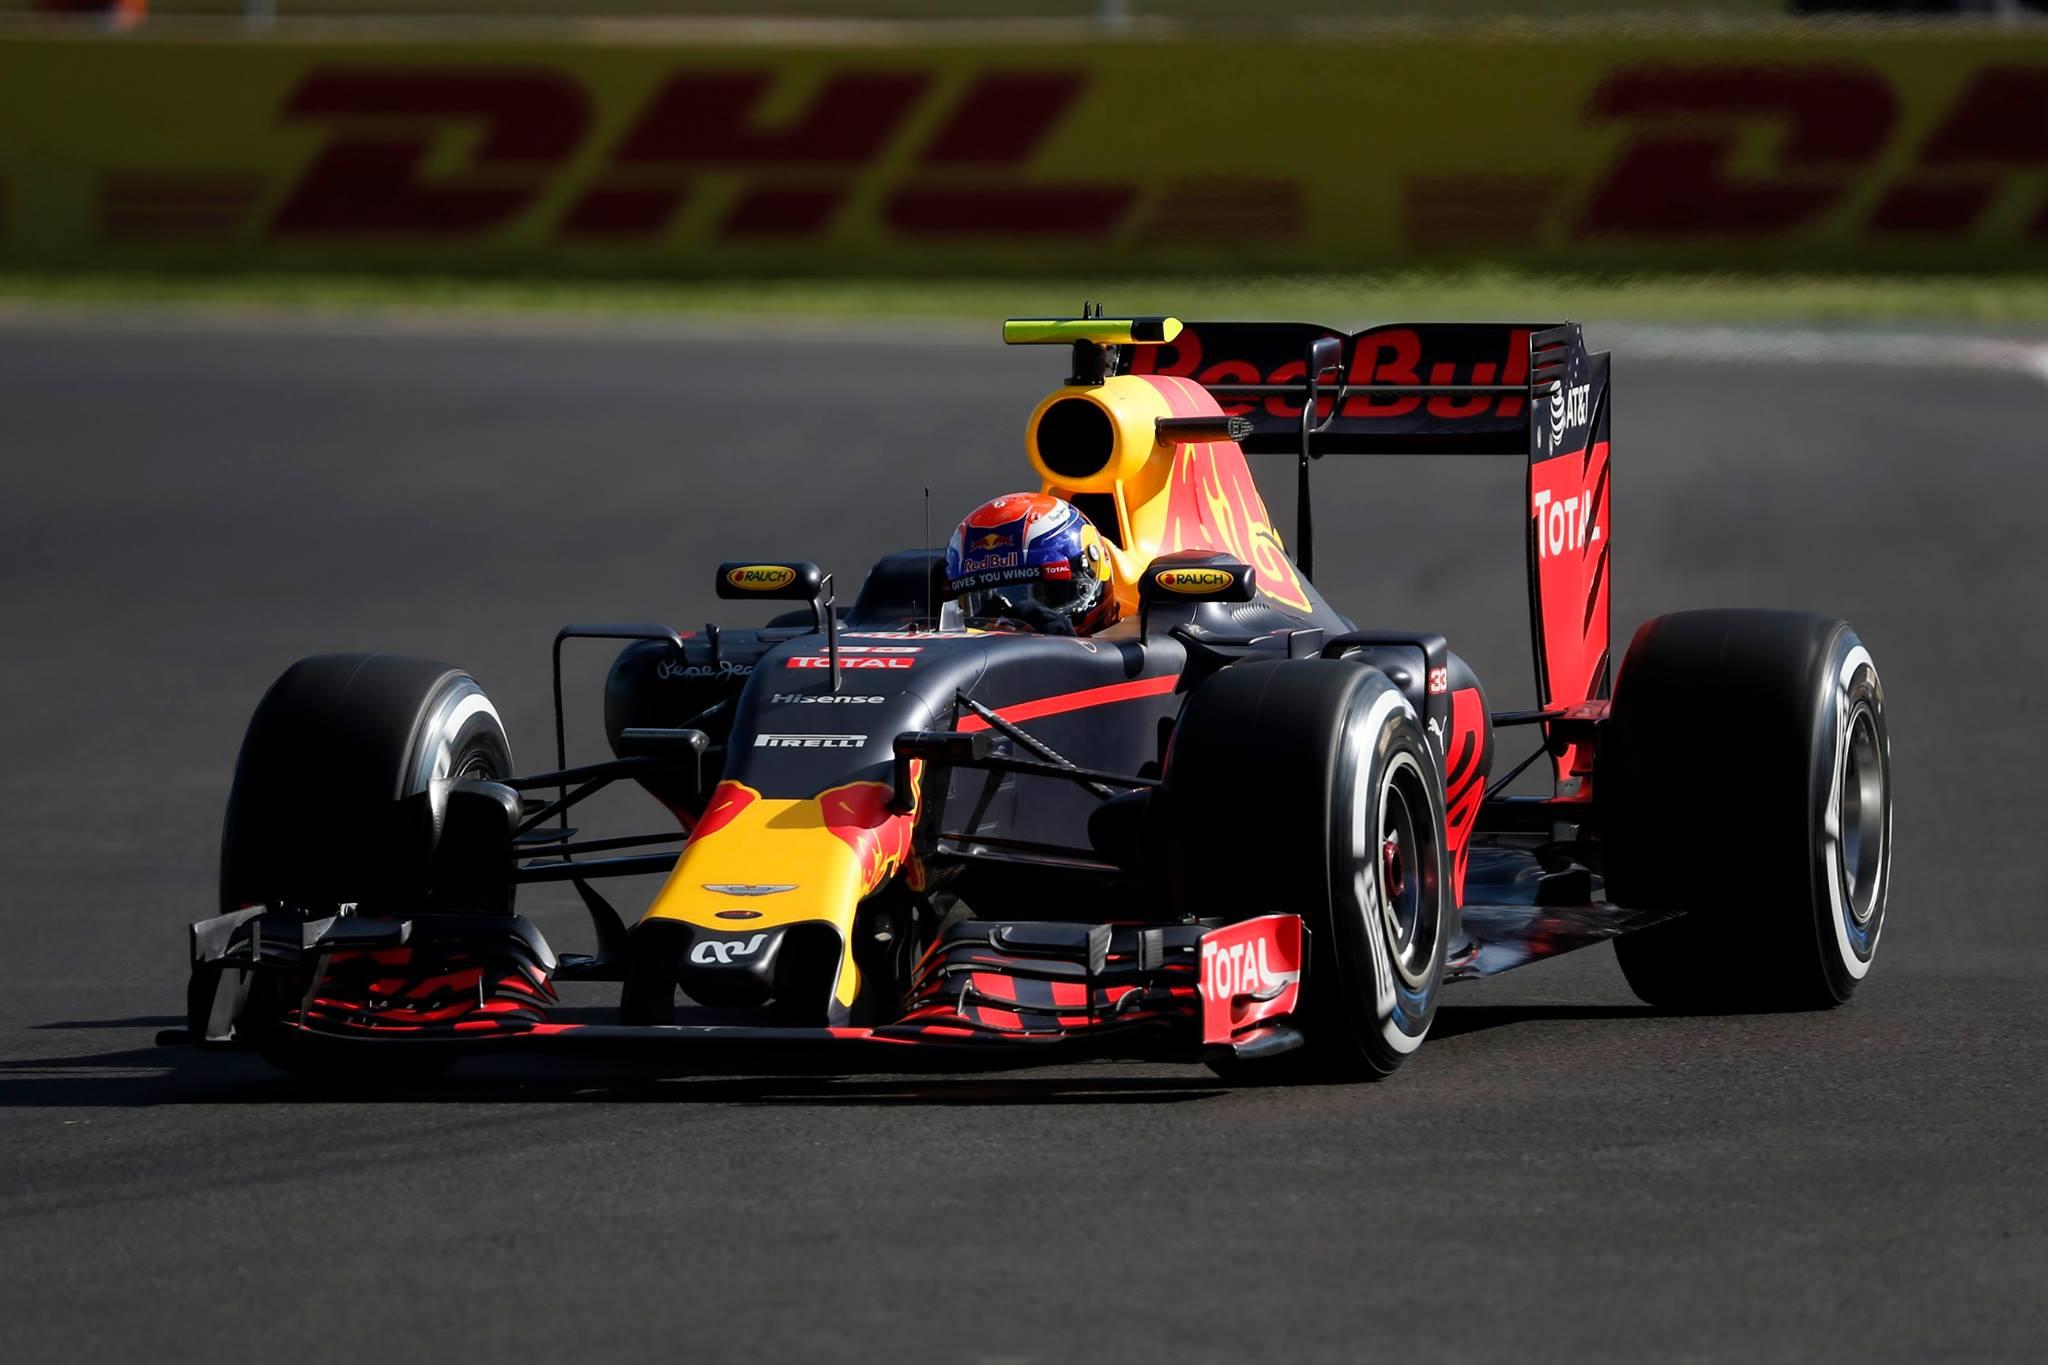 Formula 1 Racing Picks: Mexican Grand Prix 10/30/16